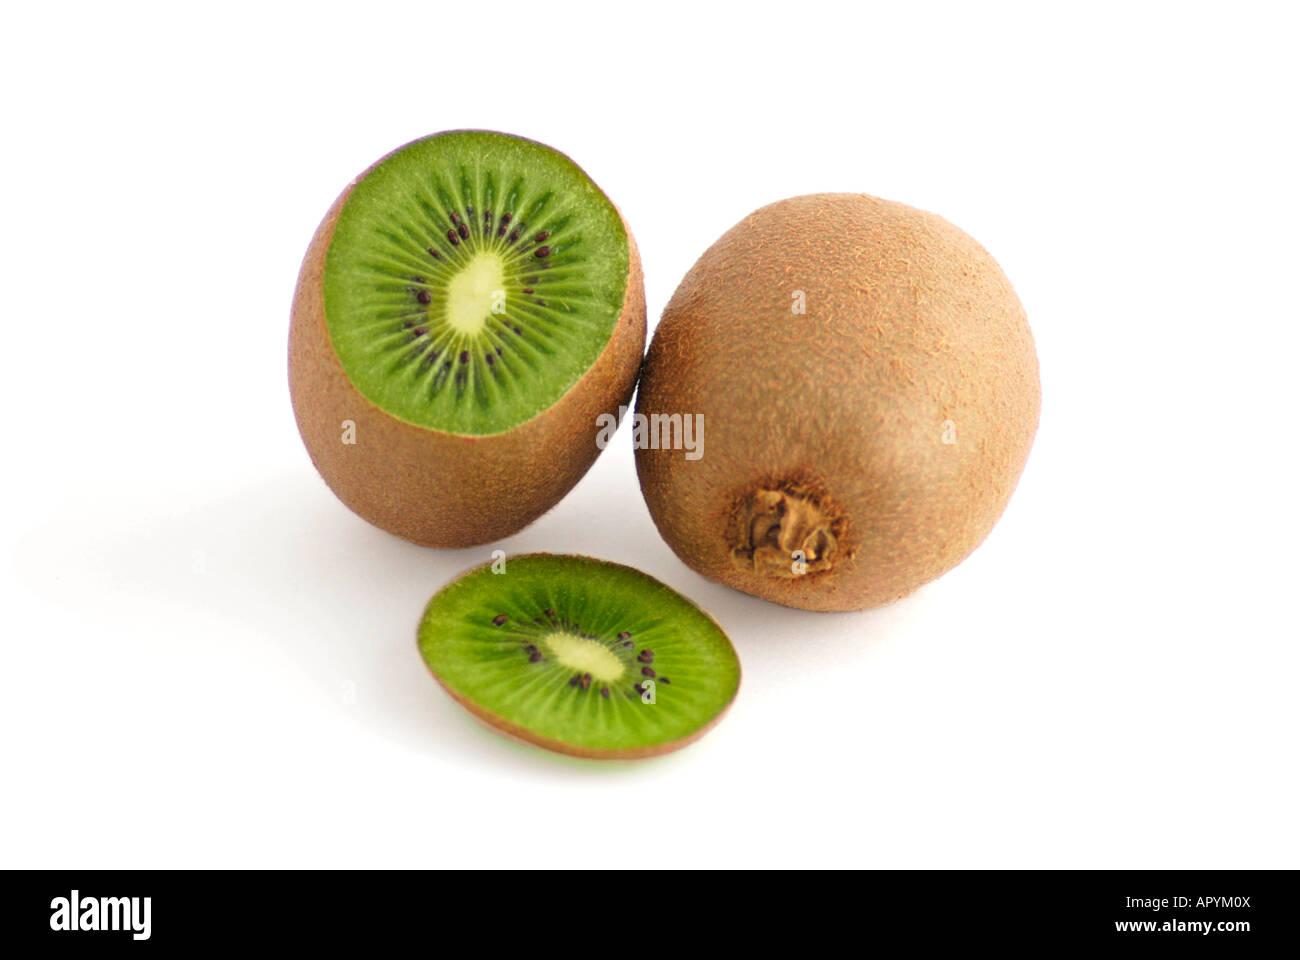 One whole and one sliced Kiwi - Stock Image